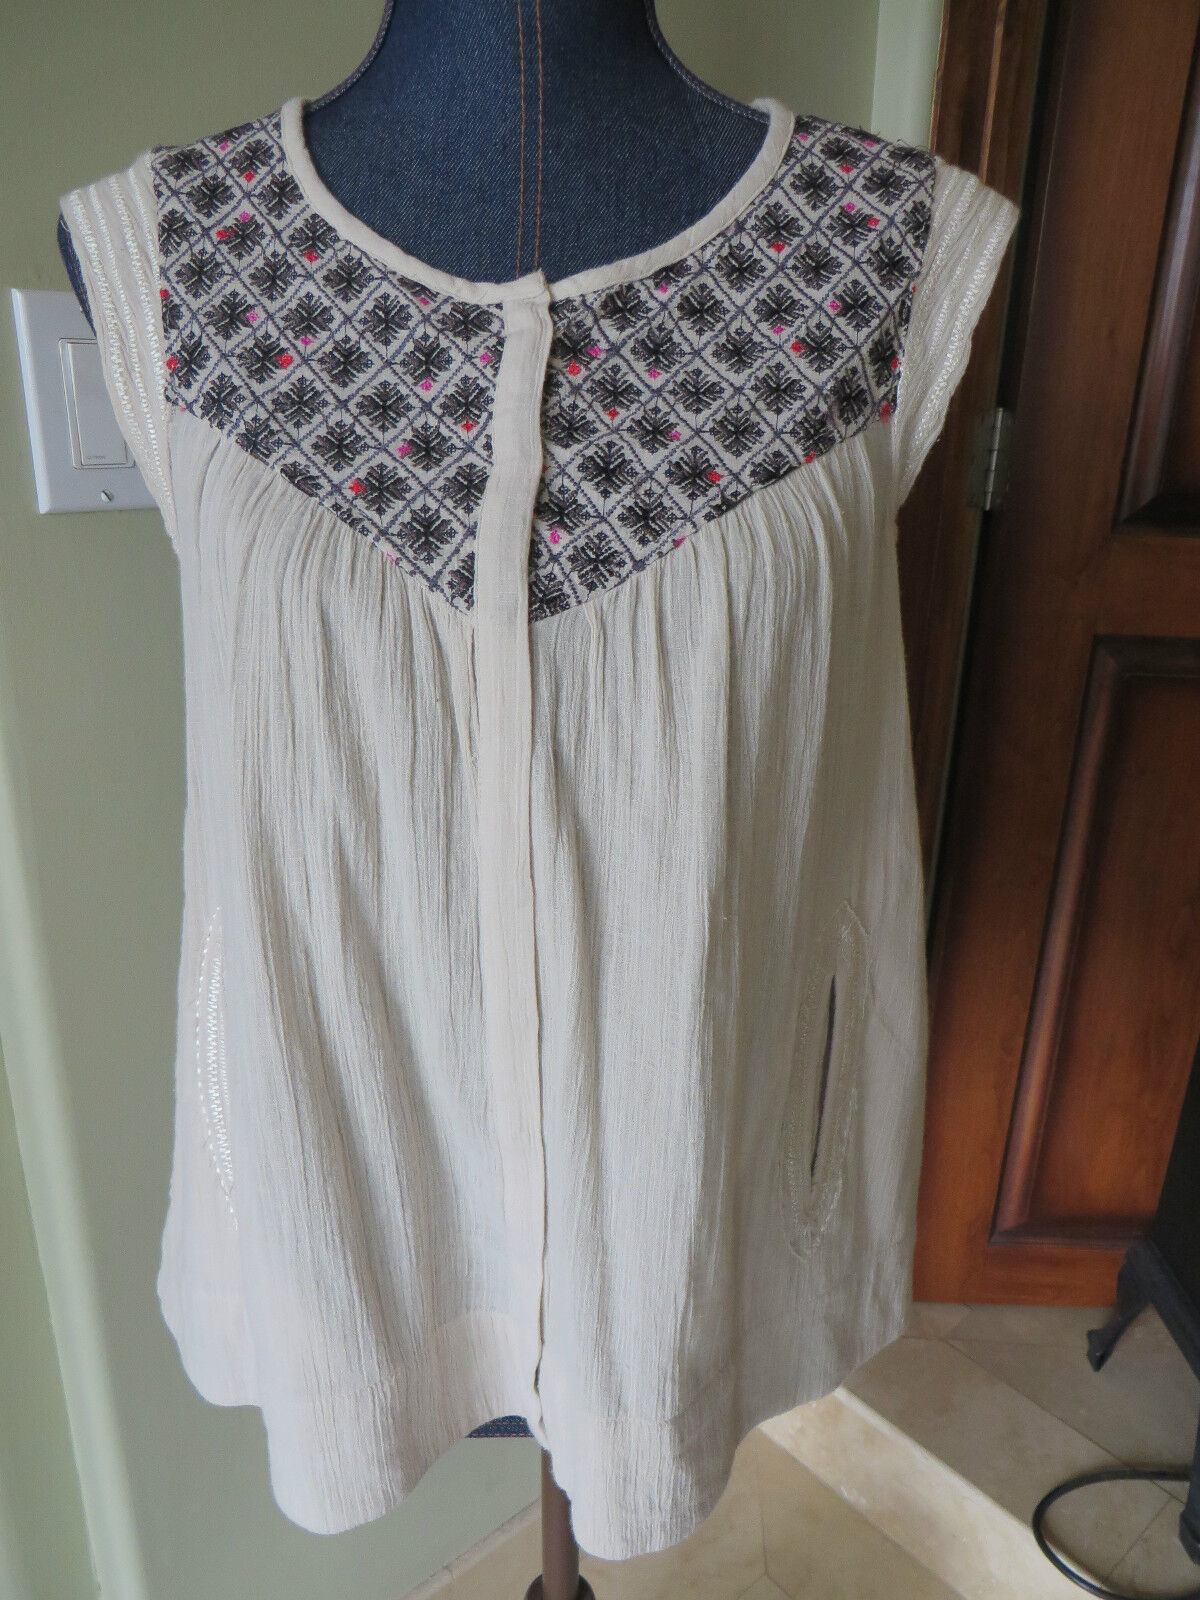 damen Lucky Brand Blouse Top Cream Gauze Cotton schwarz Rosa Embroidery NWT SZ S